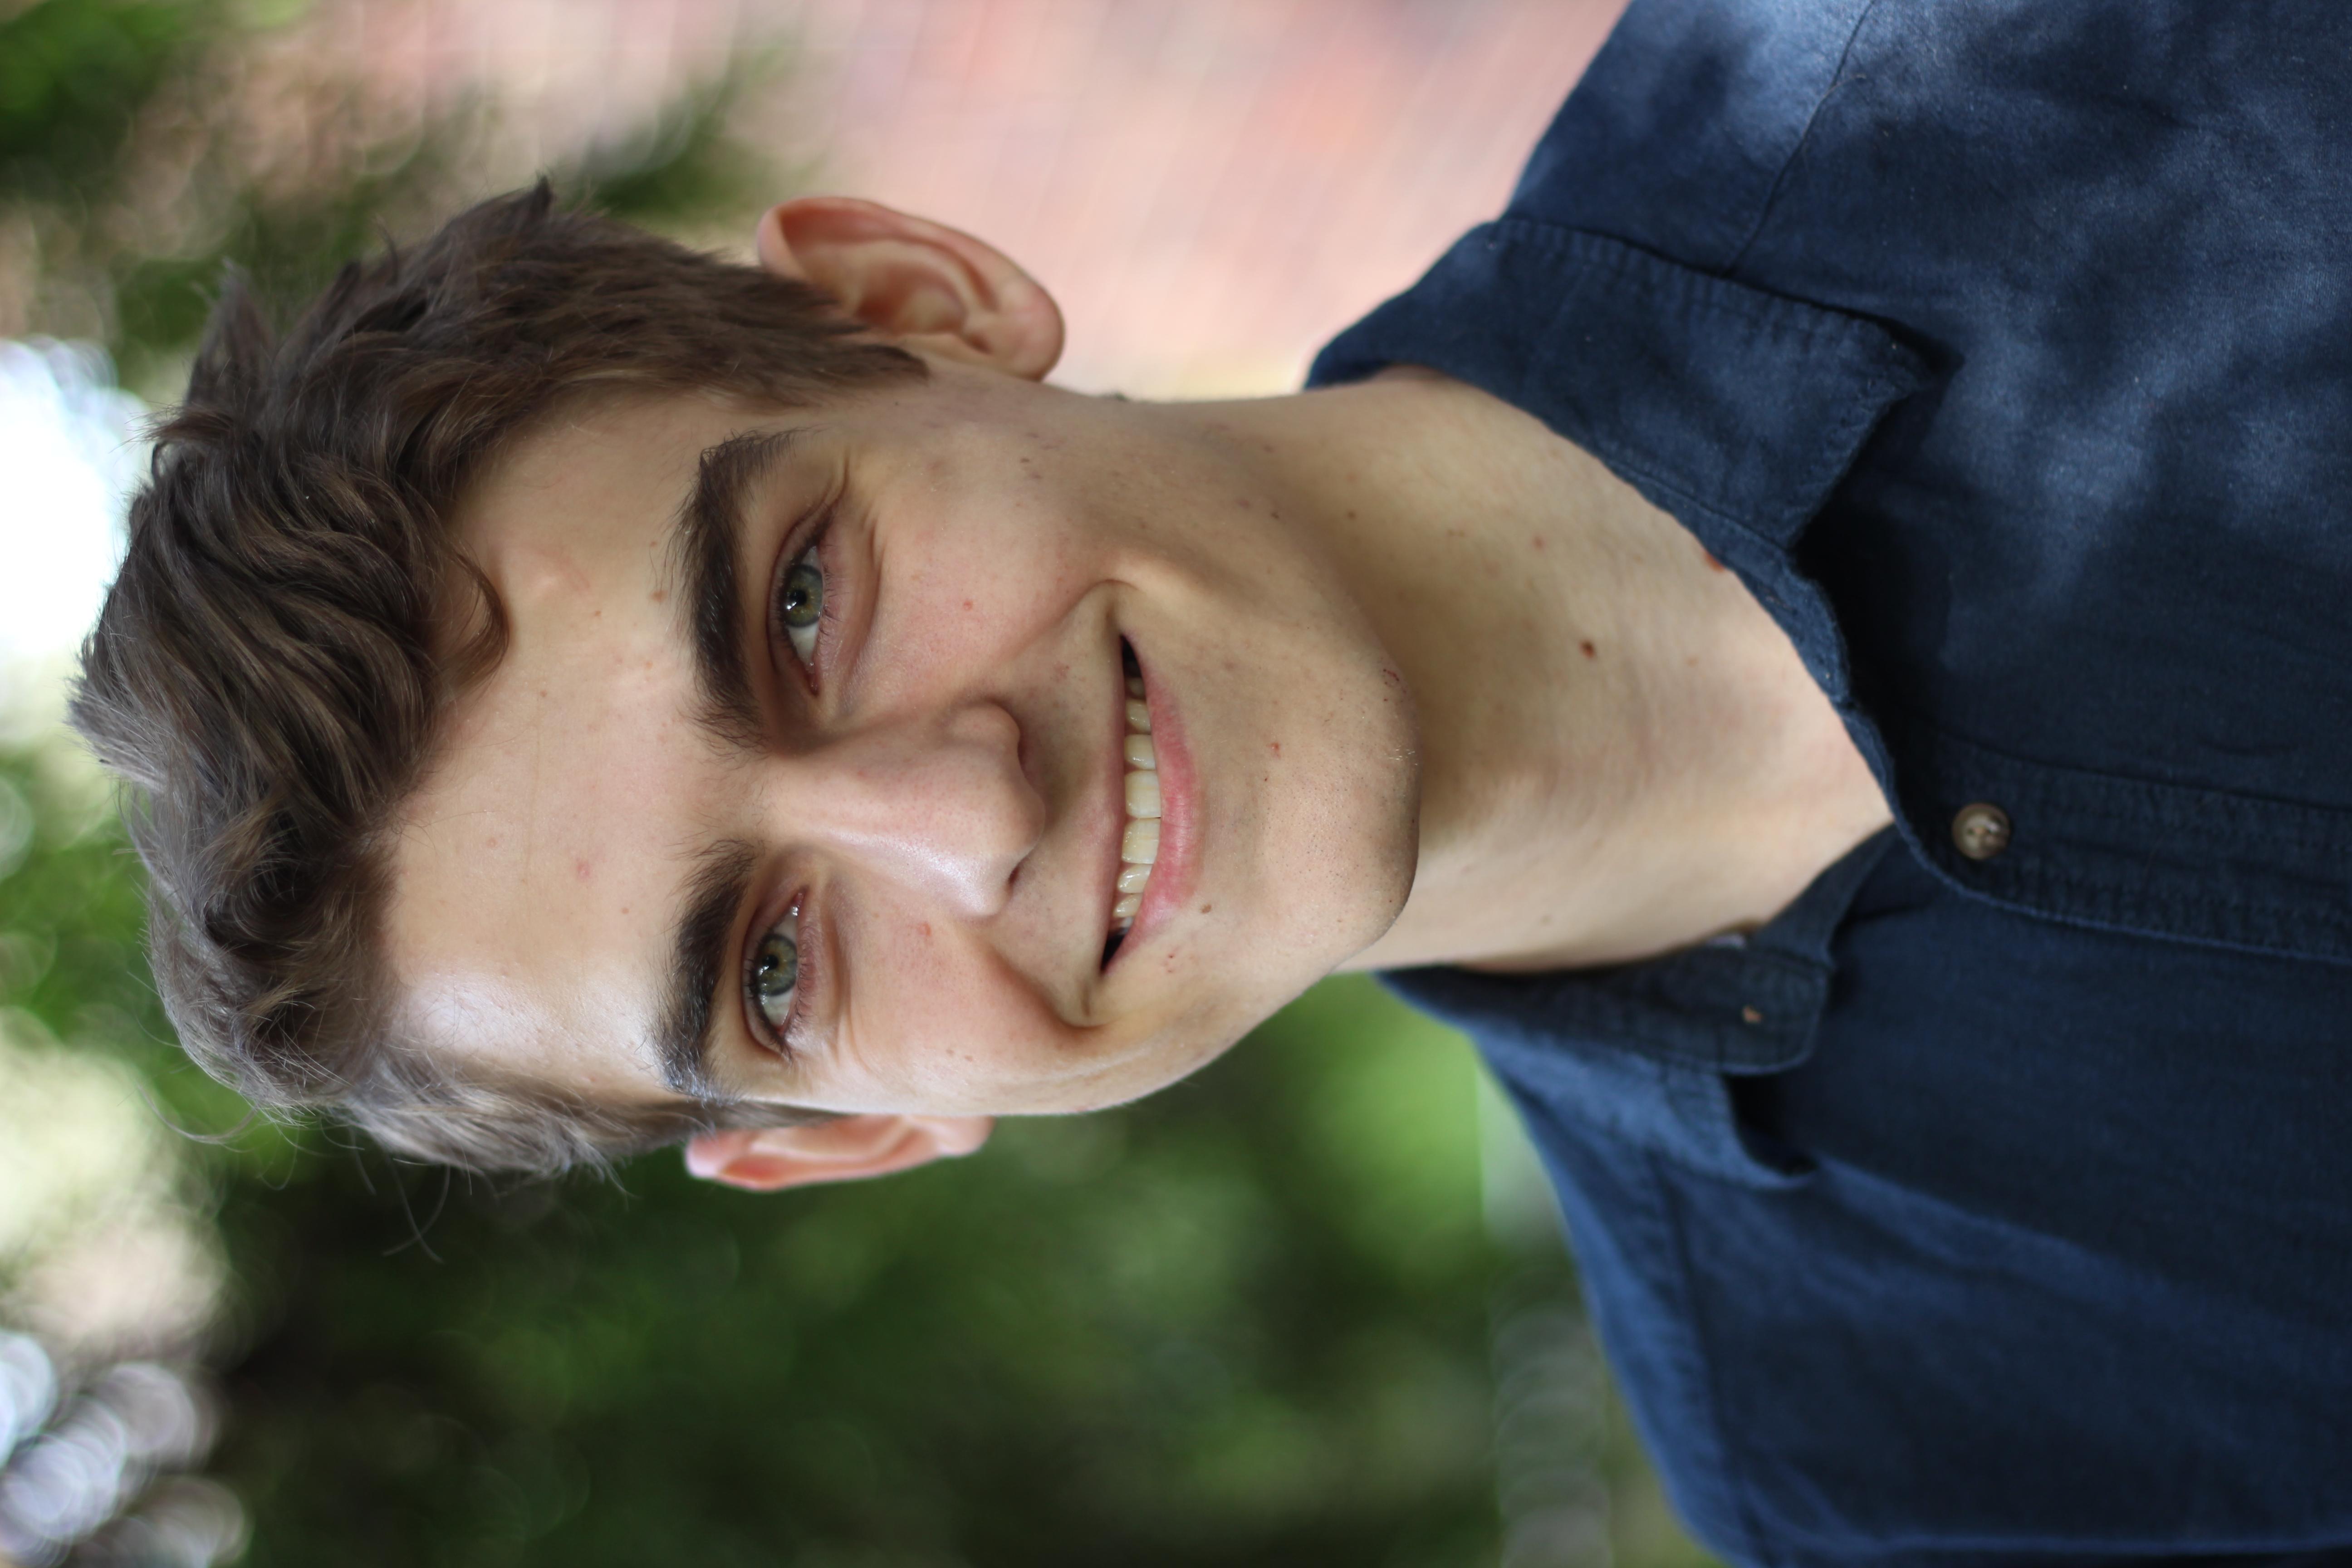 Jacob Vandenberg